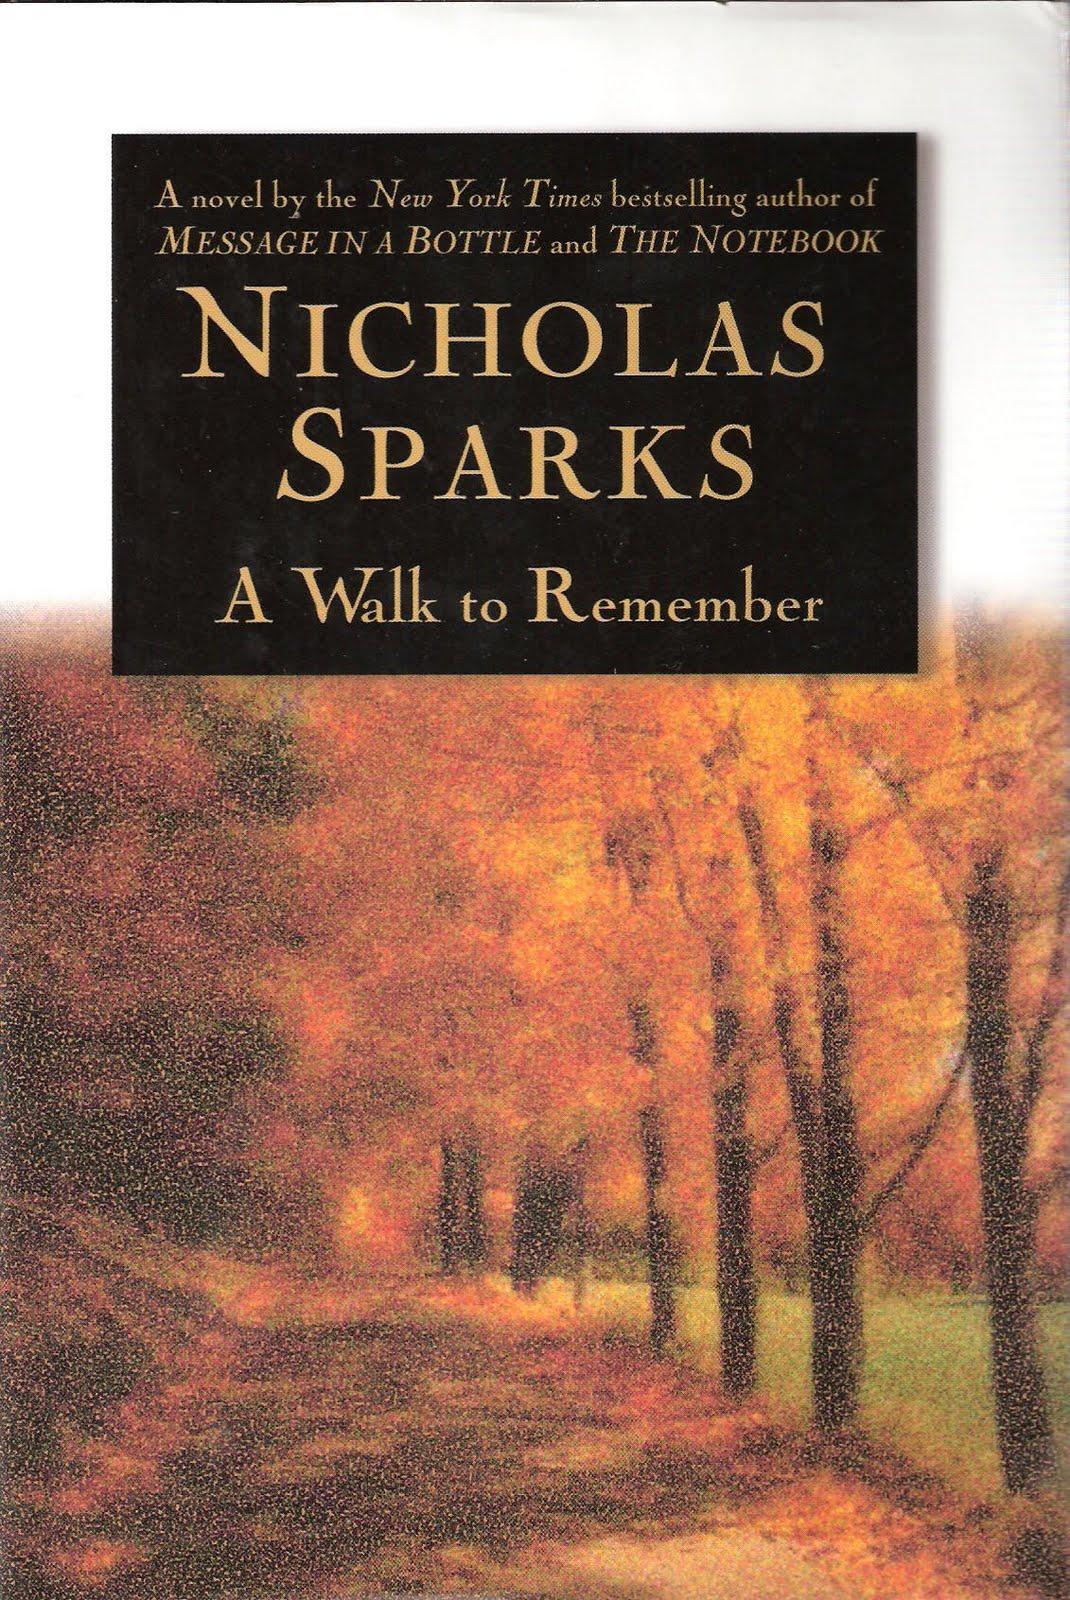 http://3.bp.blogspot.com/-8DpCb-5cZr0/T-HIRmAizoI/AAAAAAAAAD4/qLIXQkt6Bp8/s1600/A+Walk+to+Remember.jpg